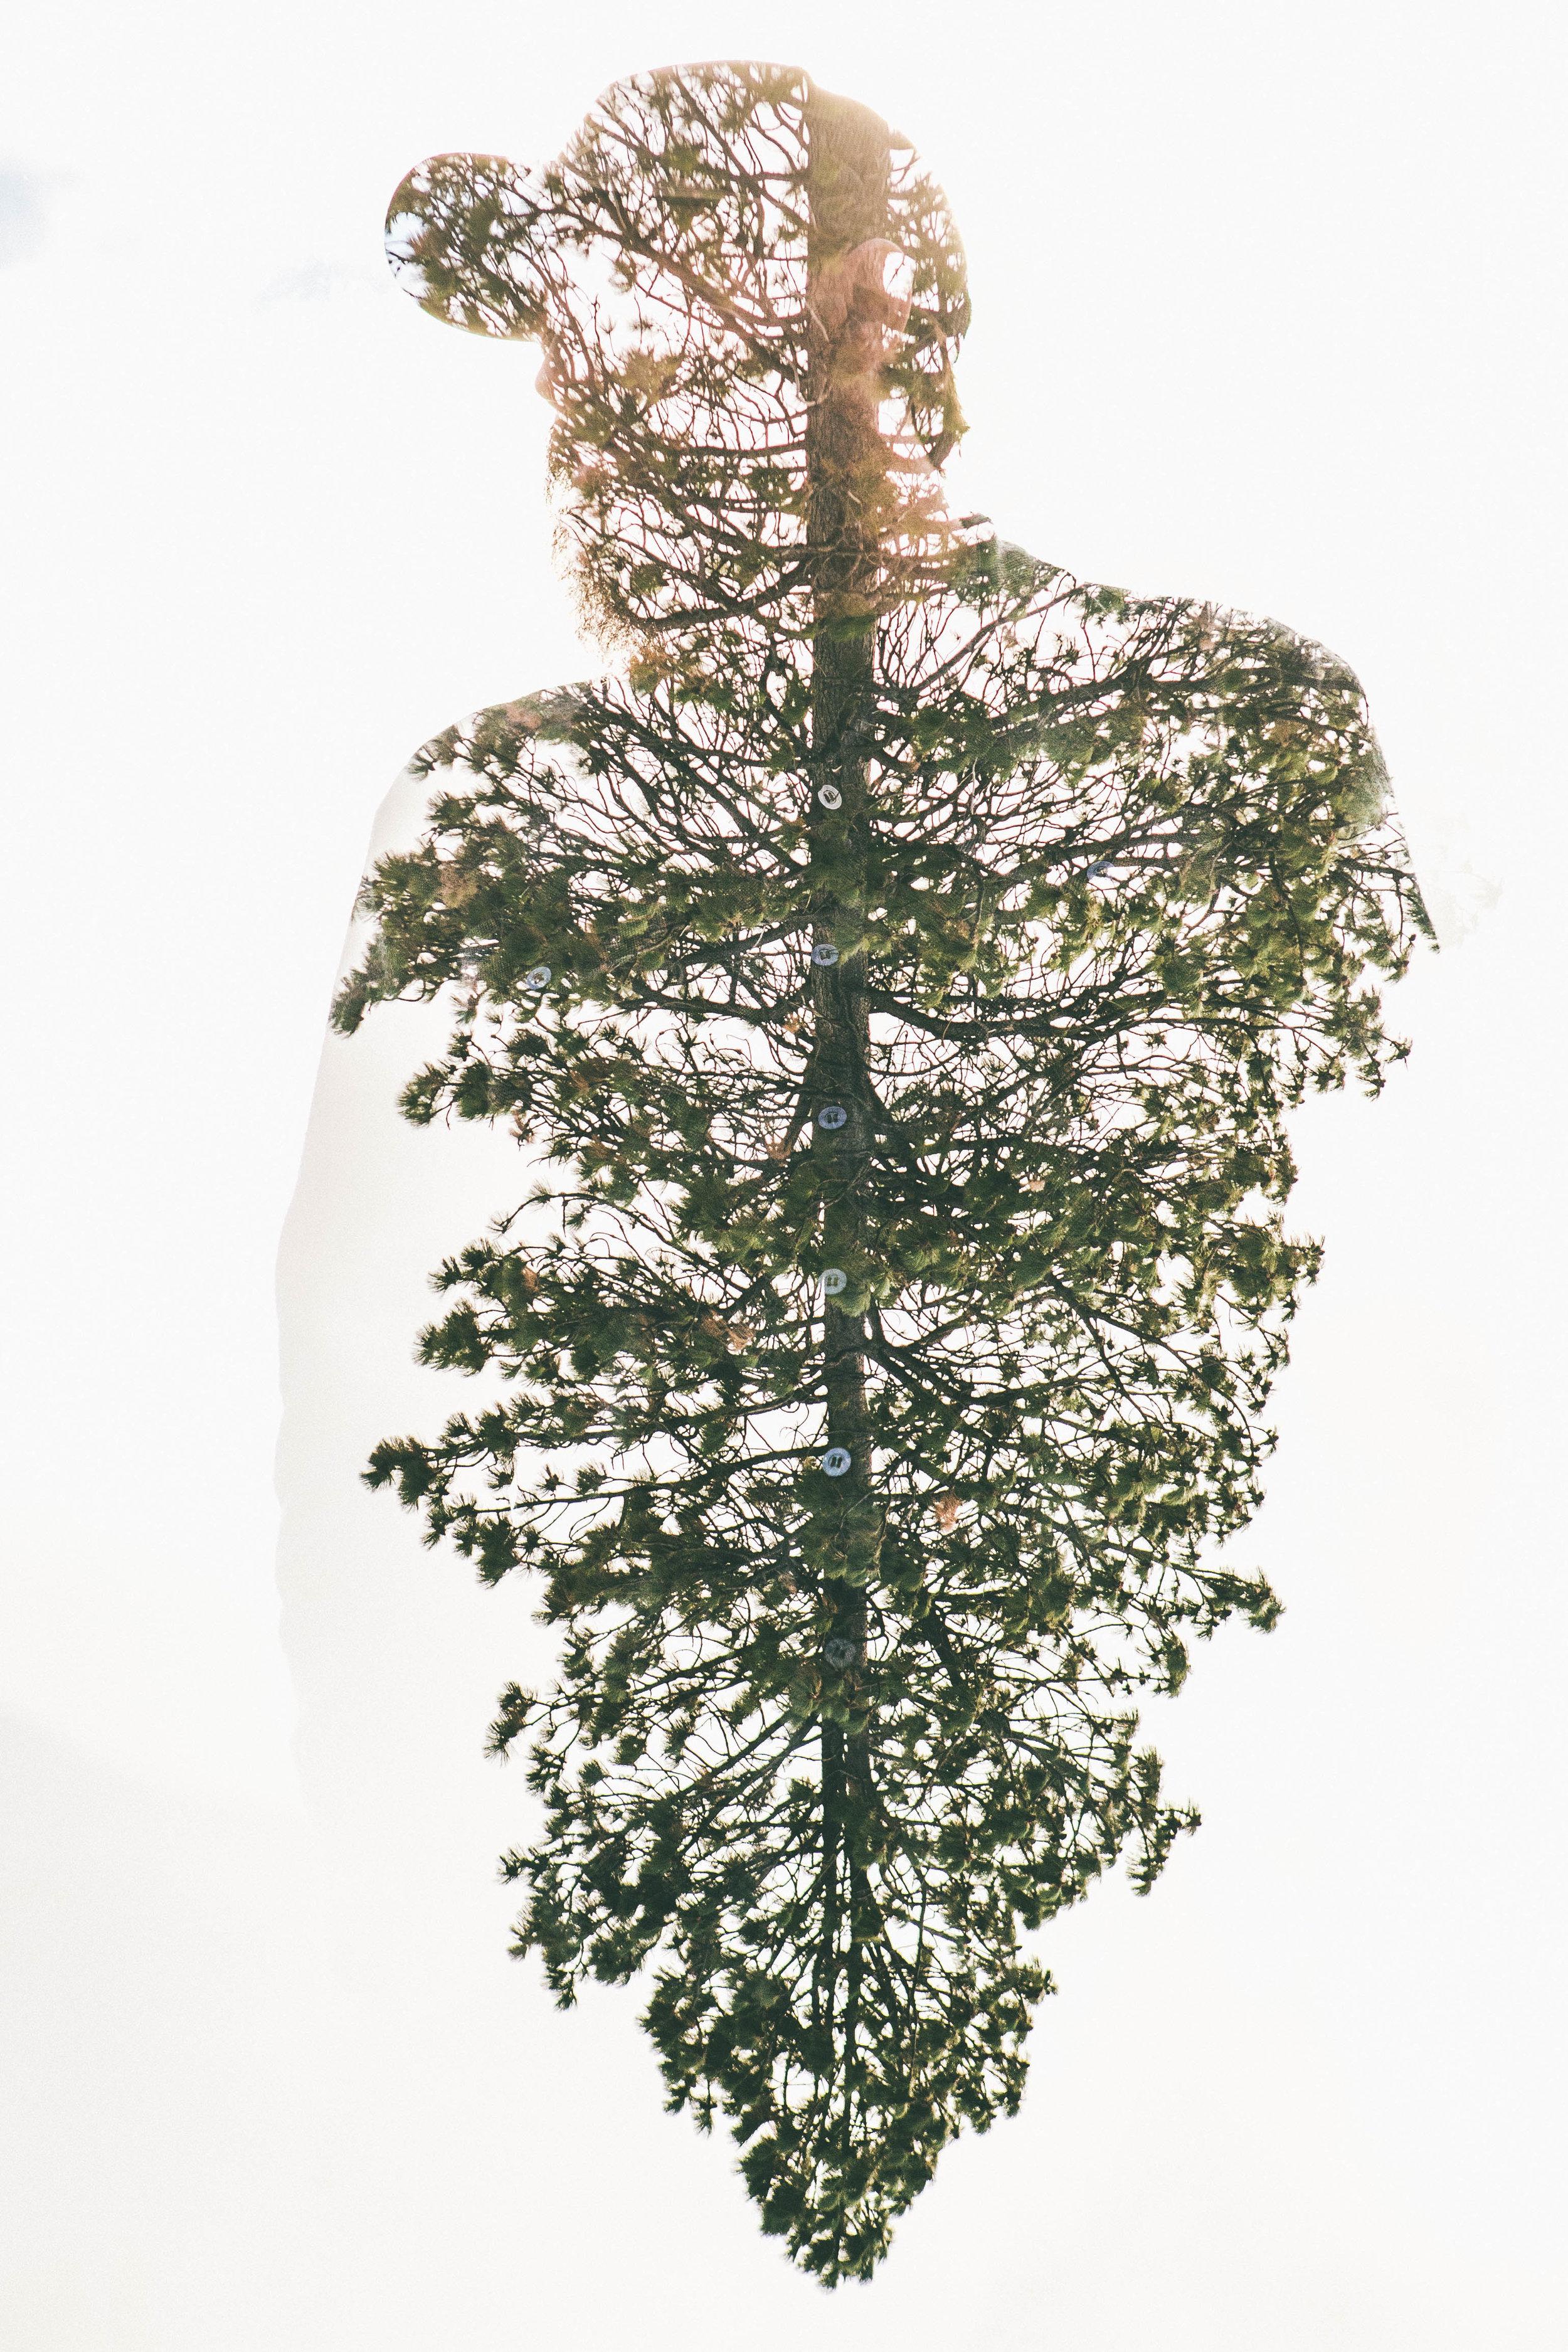 Comrades Double Expo Tree (2 of 3).jpg